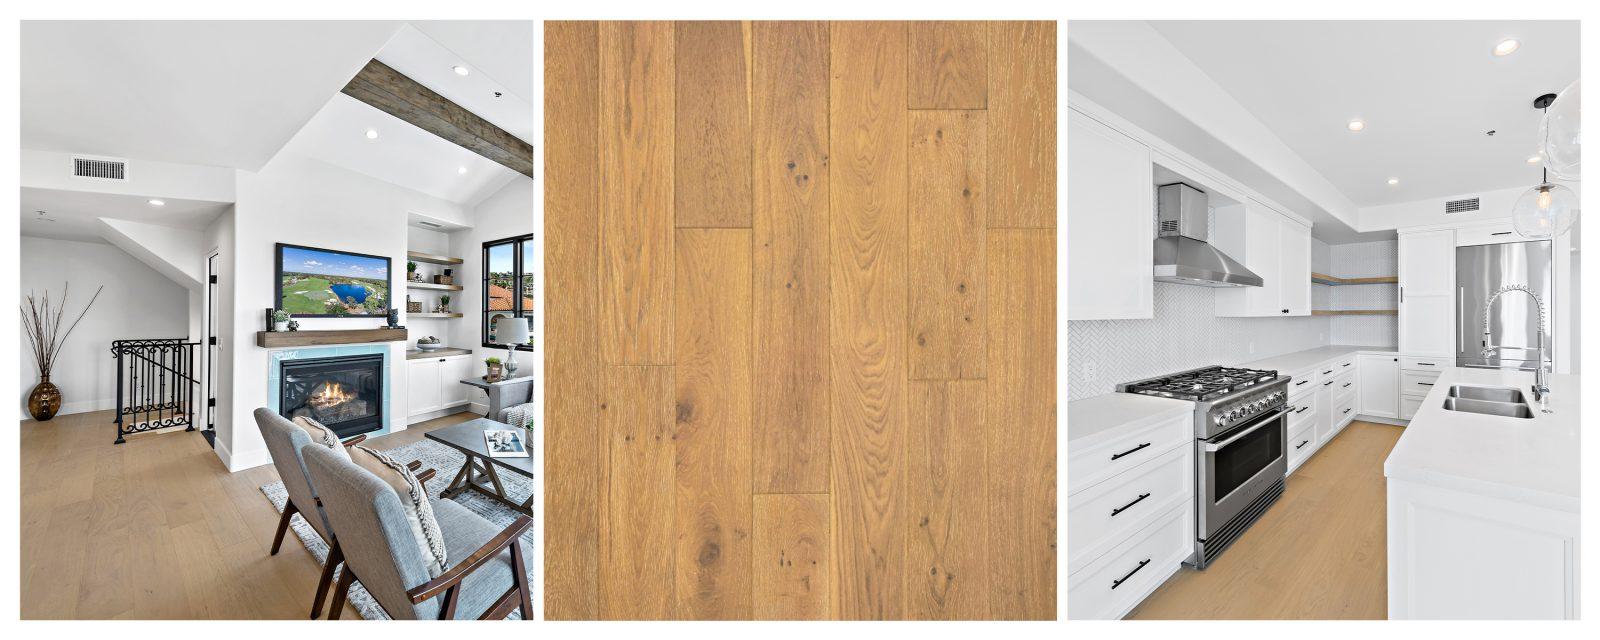 Hardwood Floor Trend - Gold Hardwood Flooring